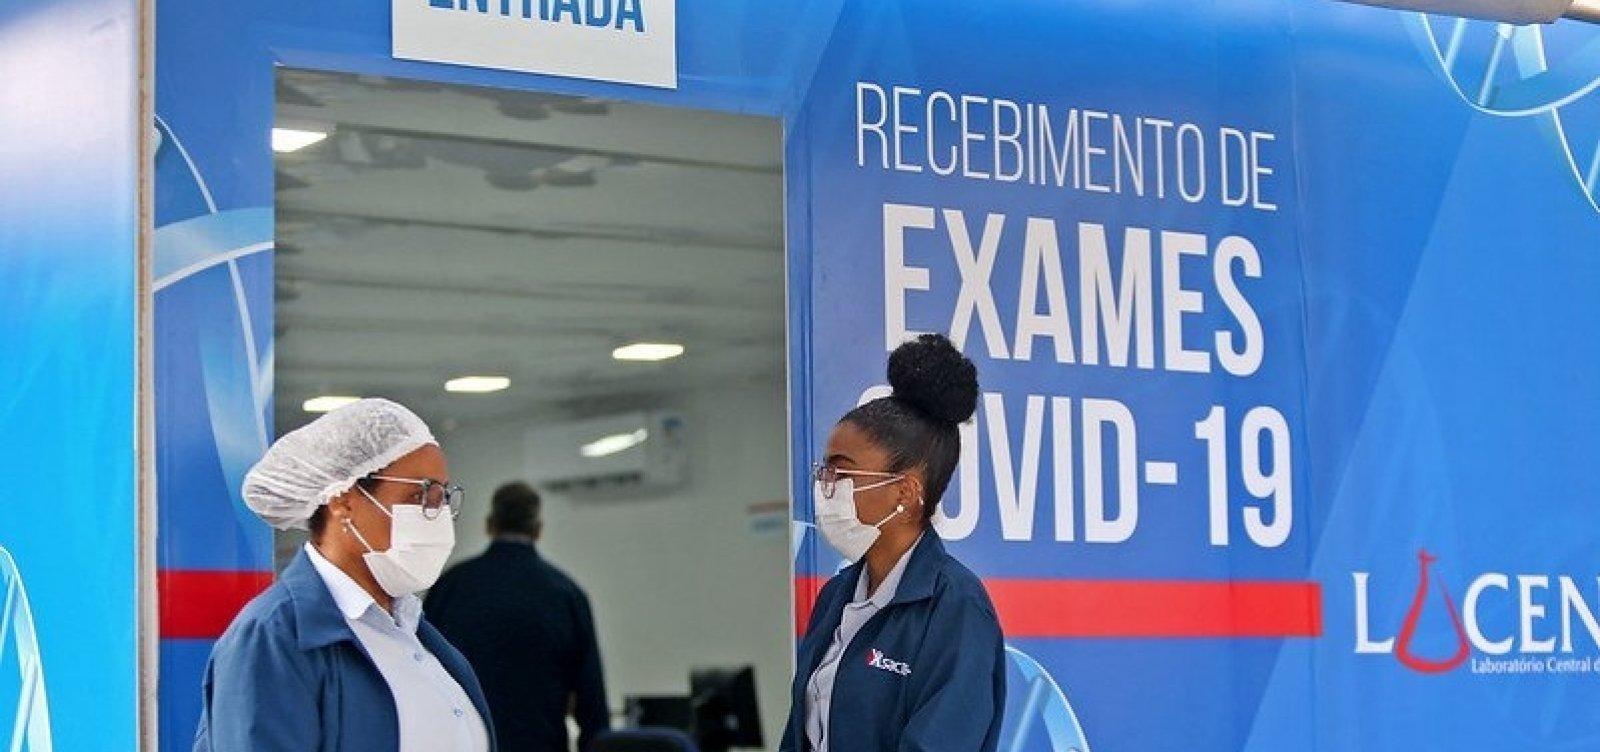 Bahia registra mais 3.645 casos e 35 óbitos por Covid-19 em 24h